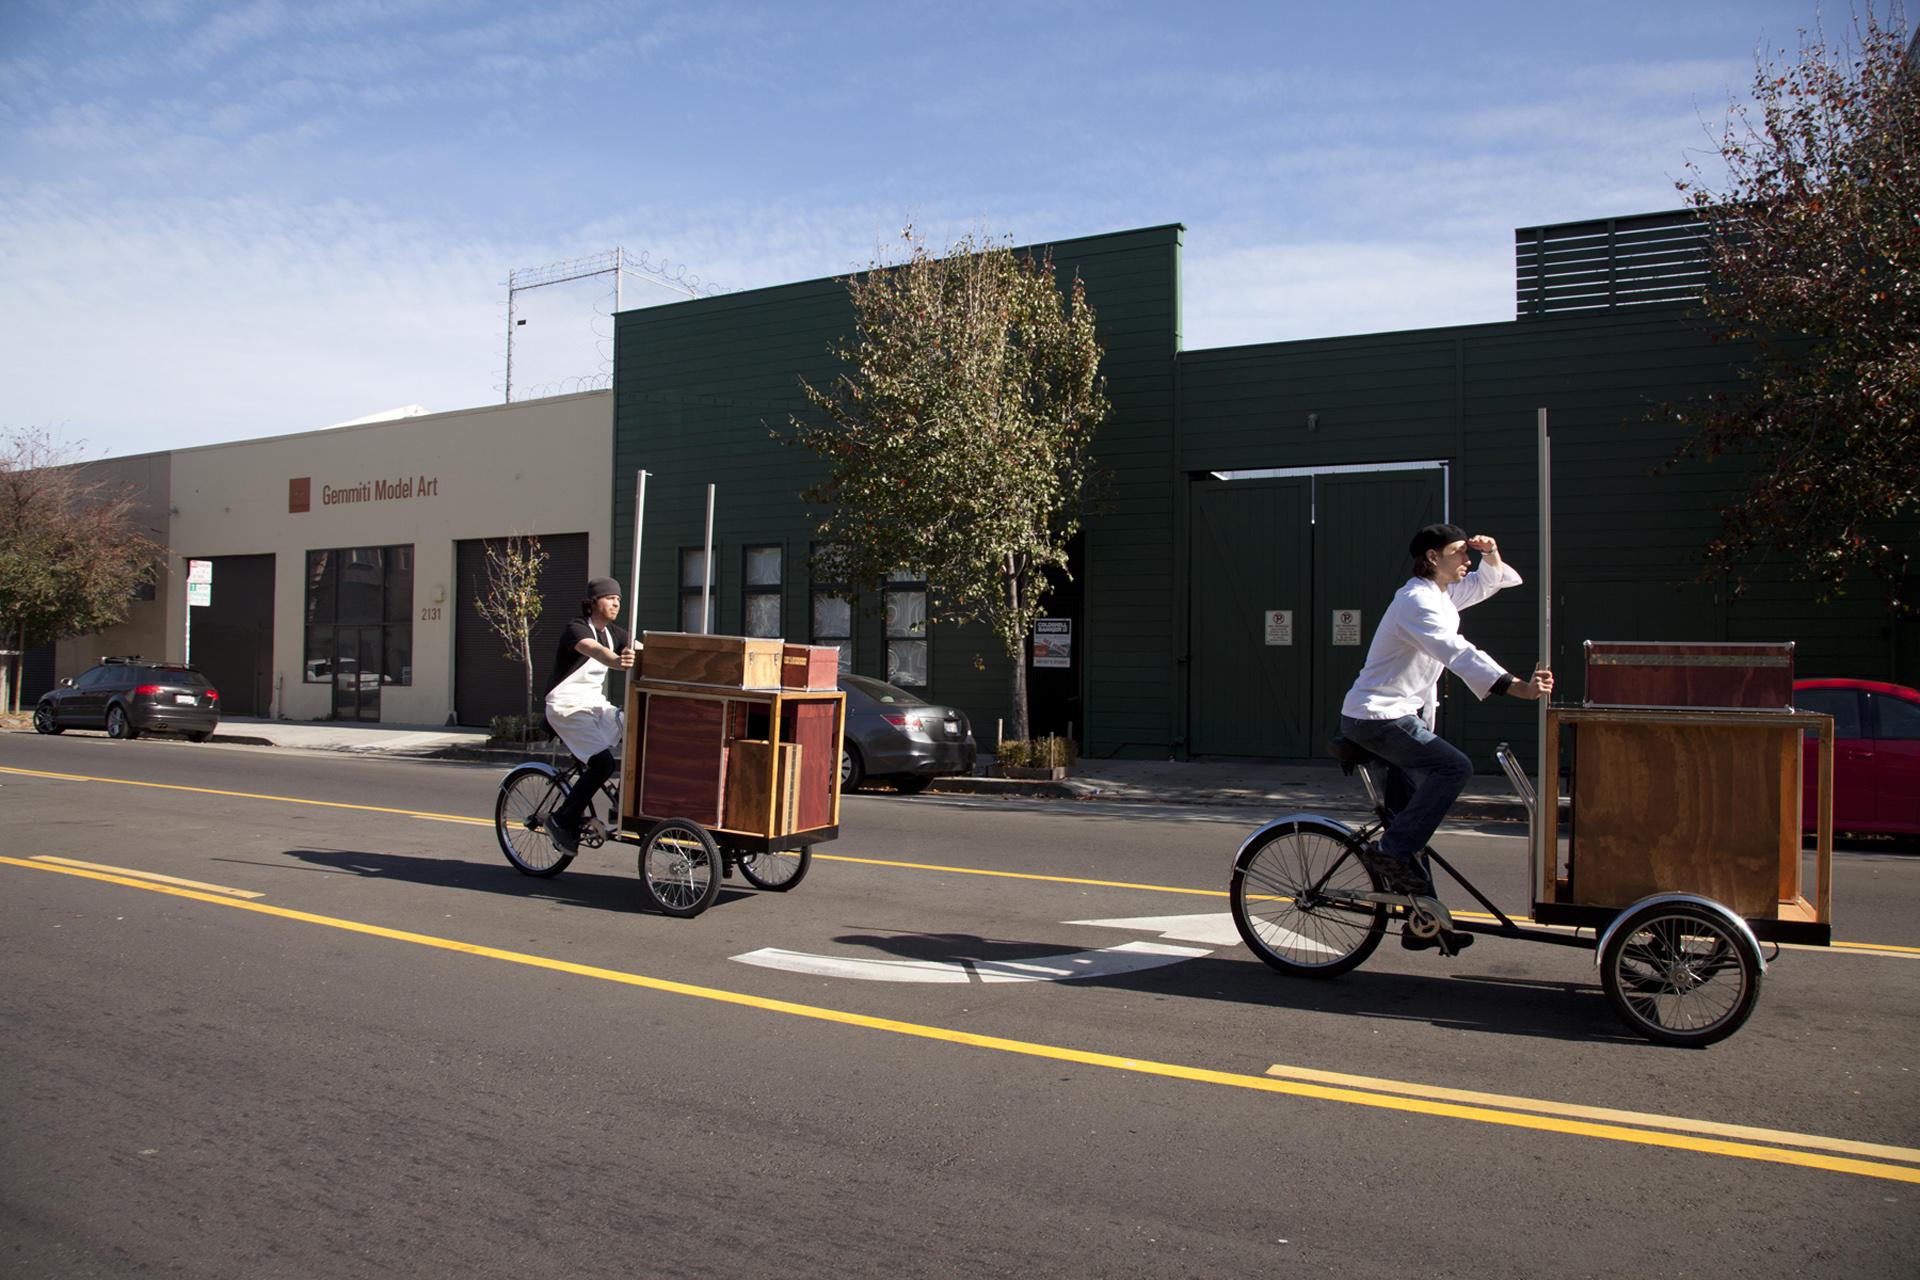 Bikes riding 005WarGastro2.jpg